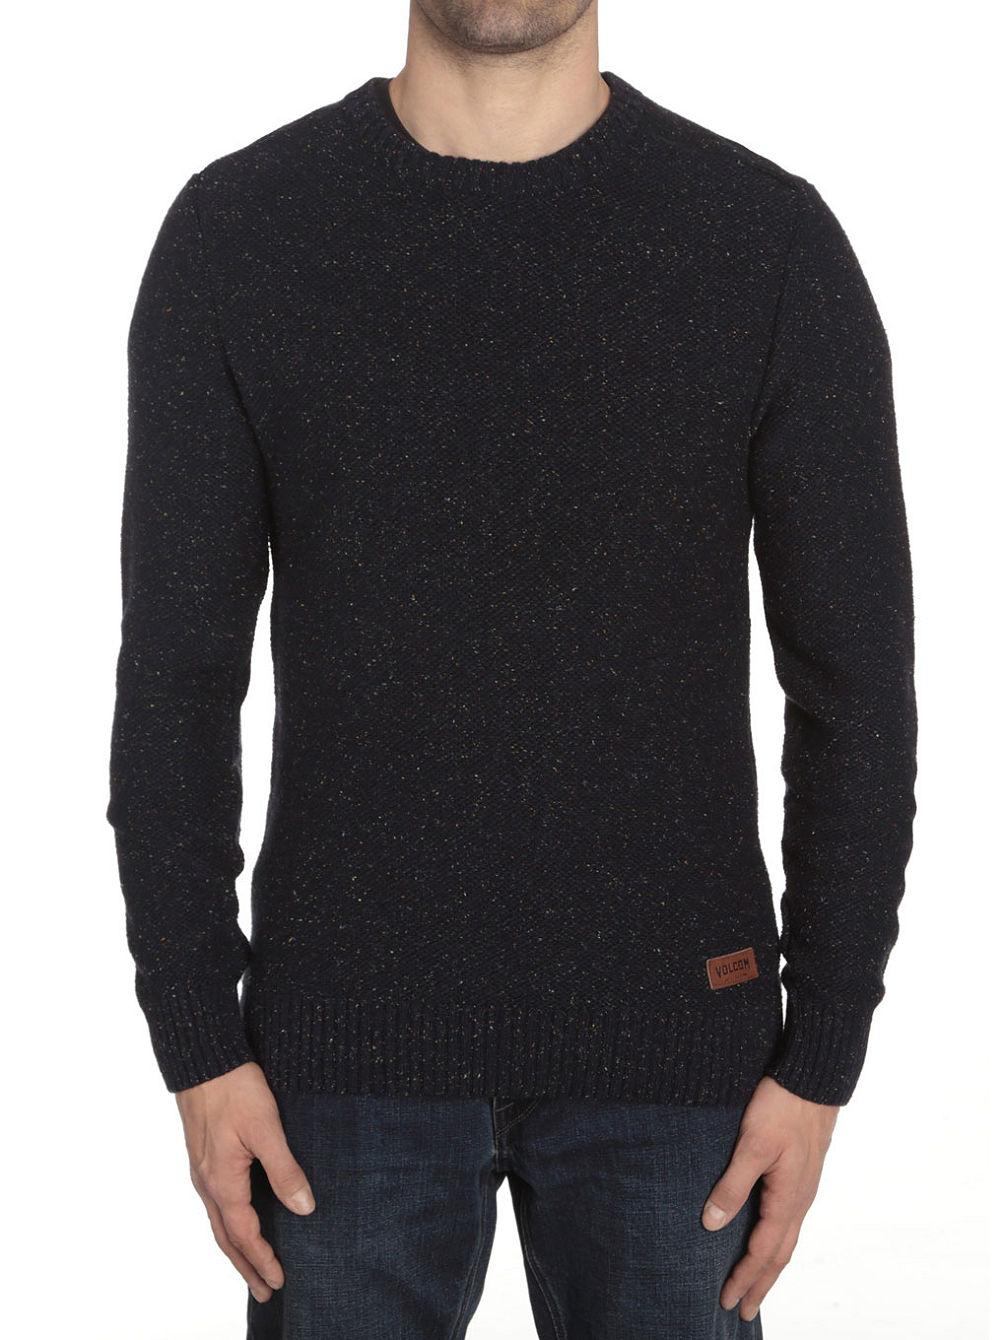 oldon-crew-sweater